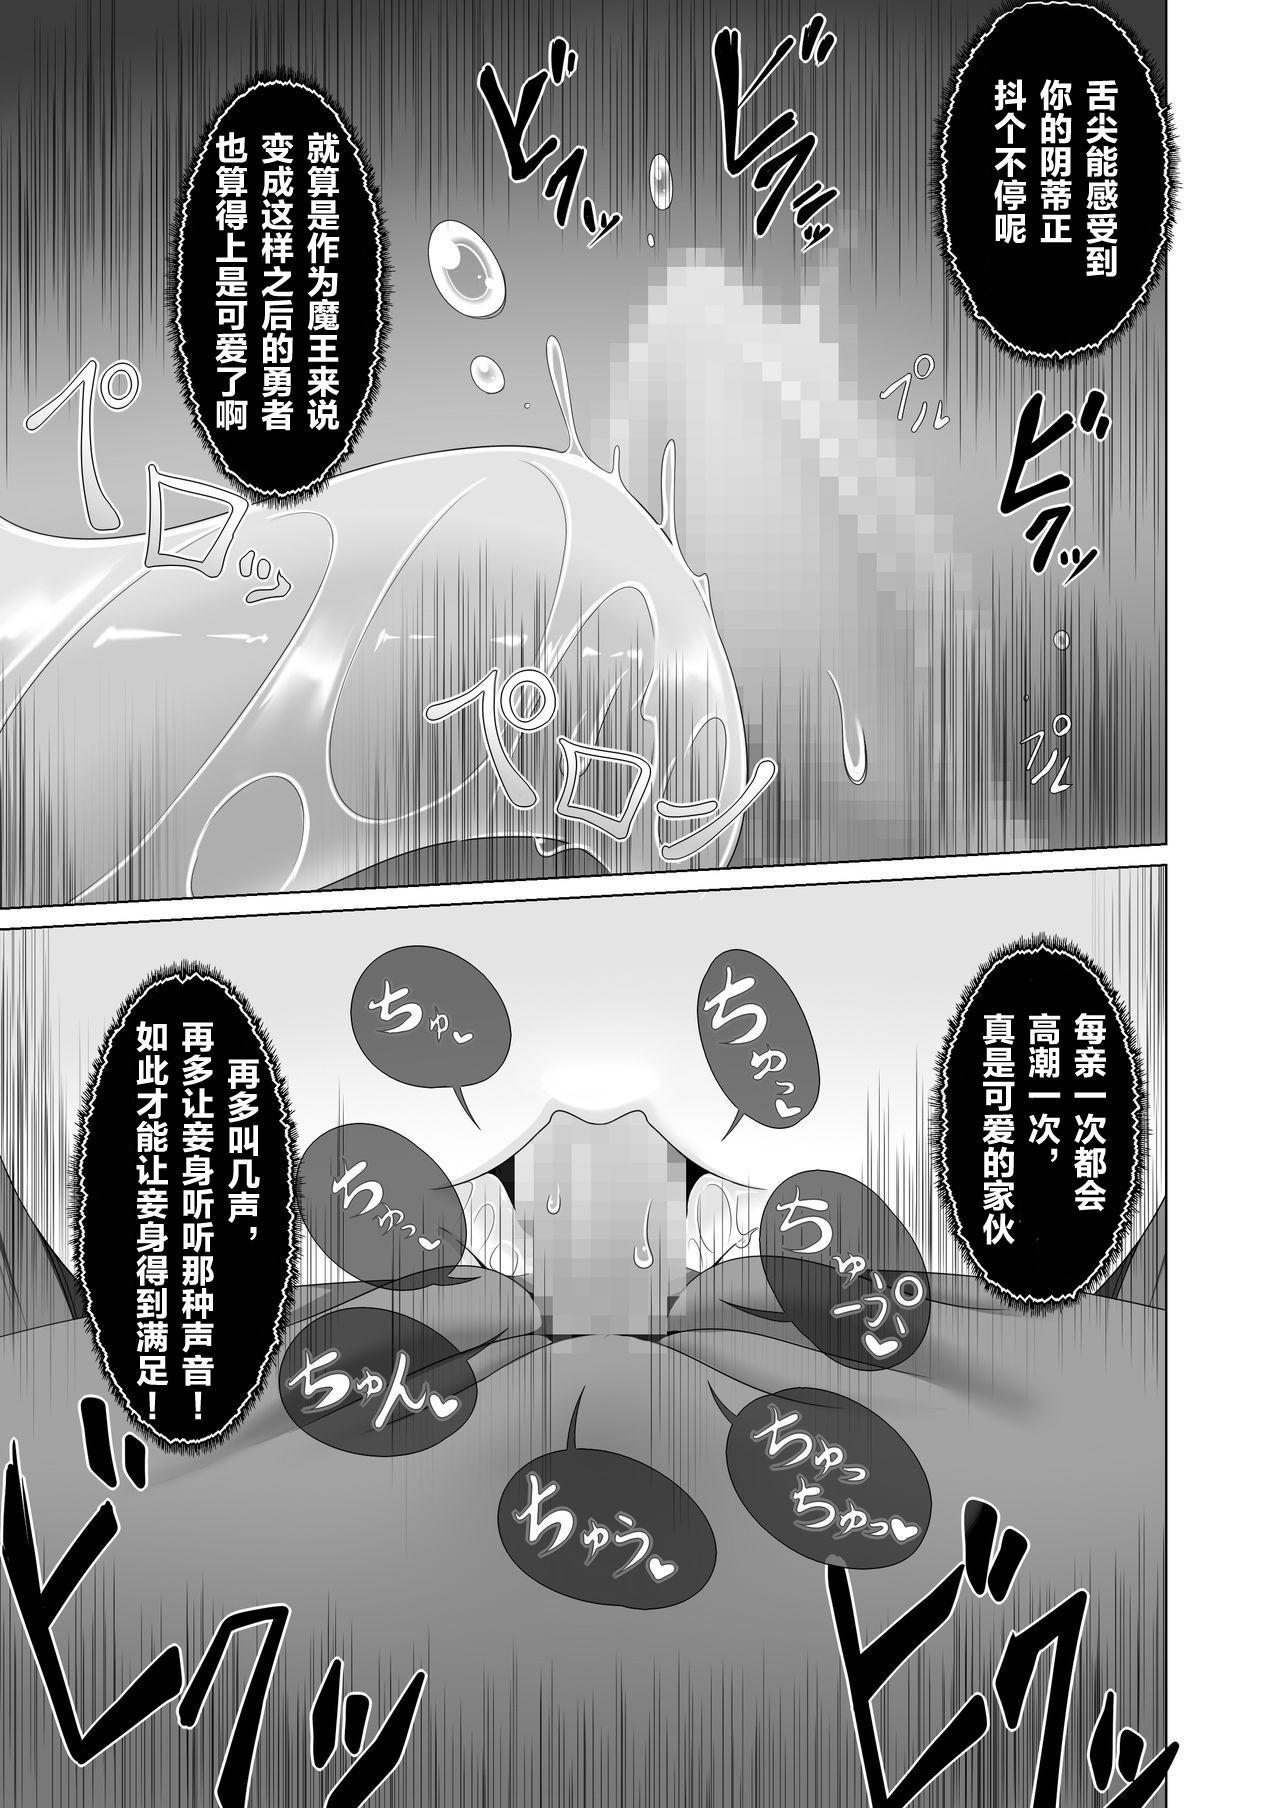 Seirei no Kago no Chikara de nan do mo Fukkatsu shite kita Yūsha wa Maō ni yotte KuriBOX ni sarete shimaimashita 11